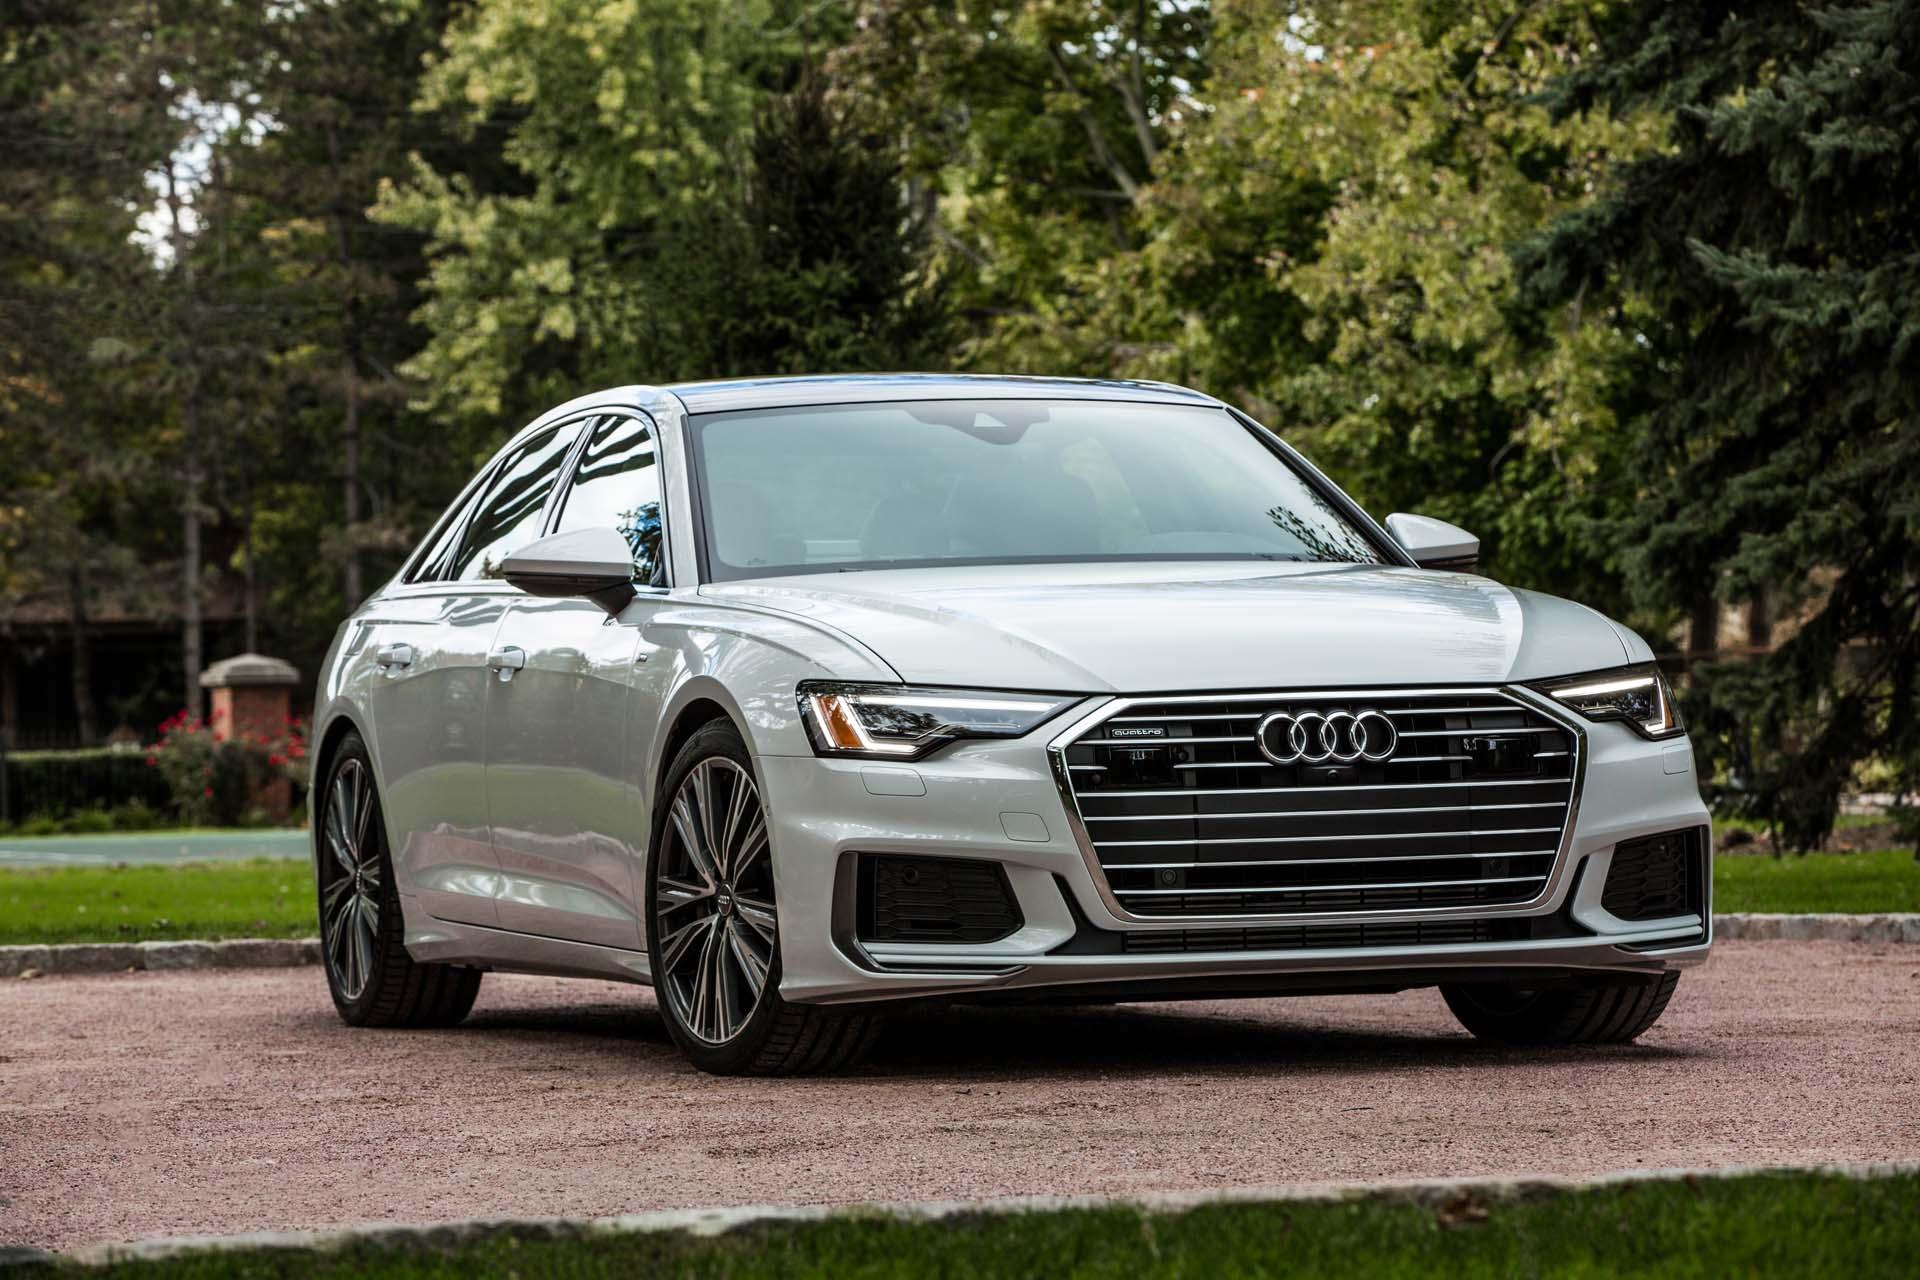 Kekurangan A6 Audi 2019 Harga